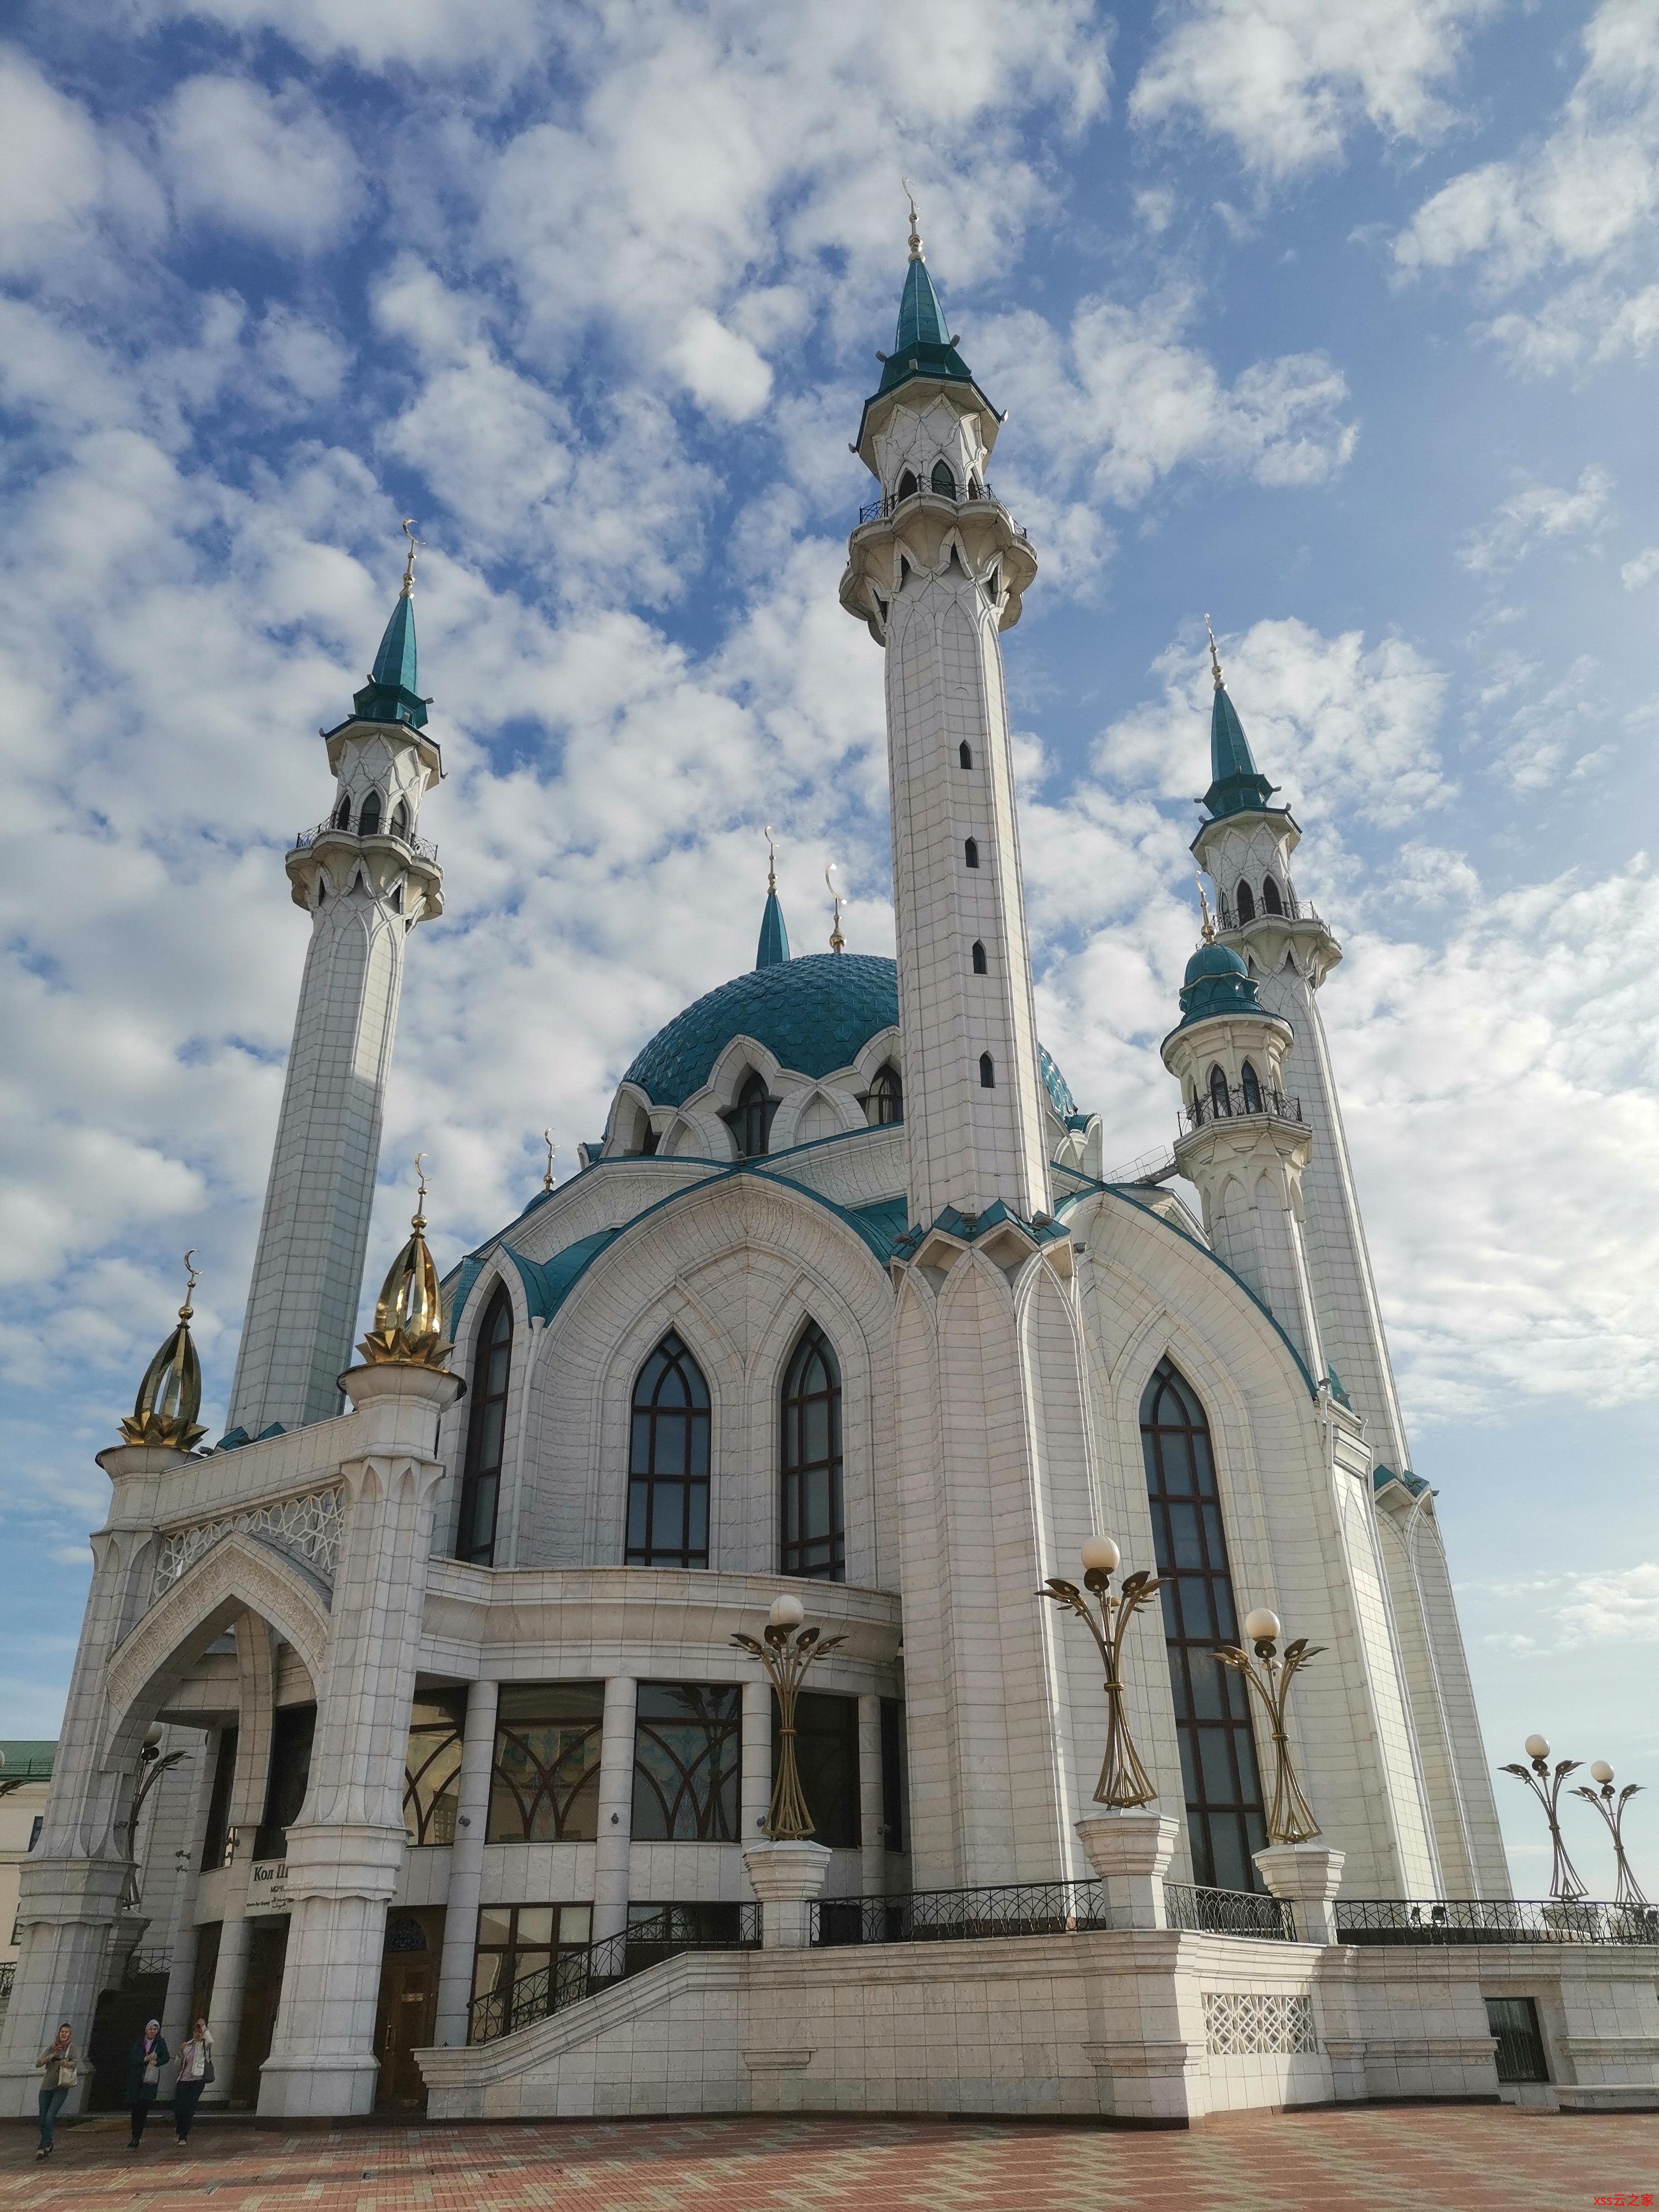 喀山之旅丨俄罗斯喀山交换小结